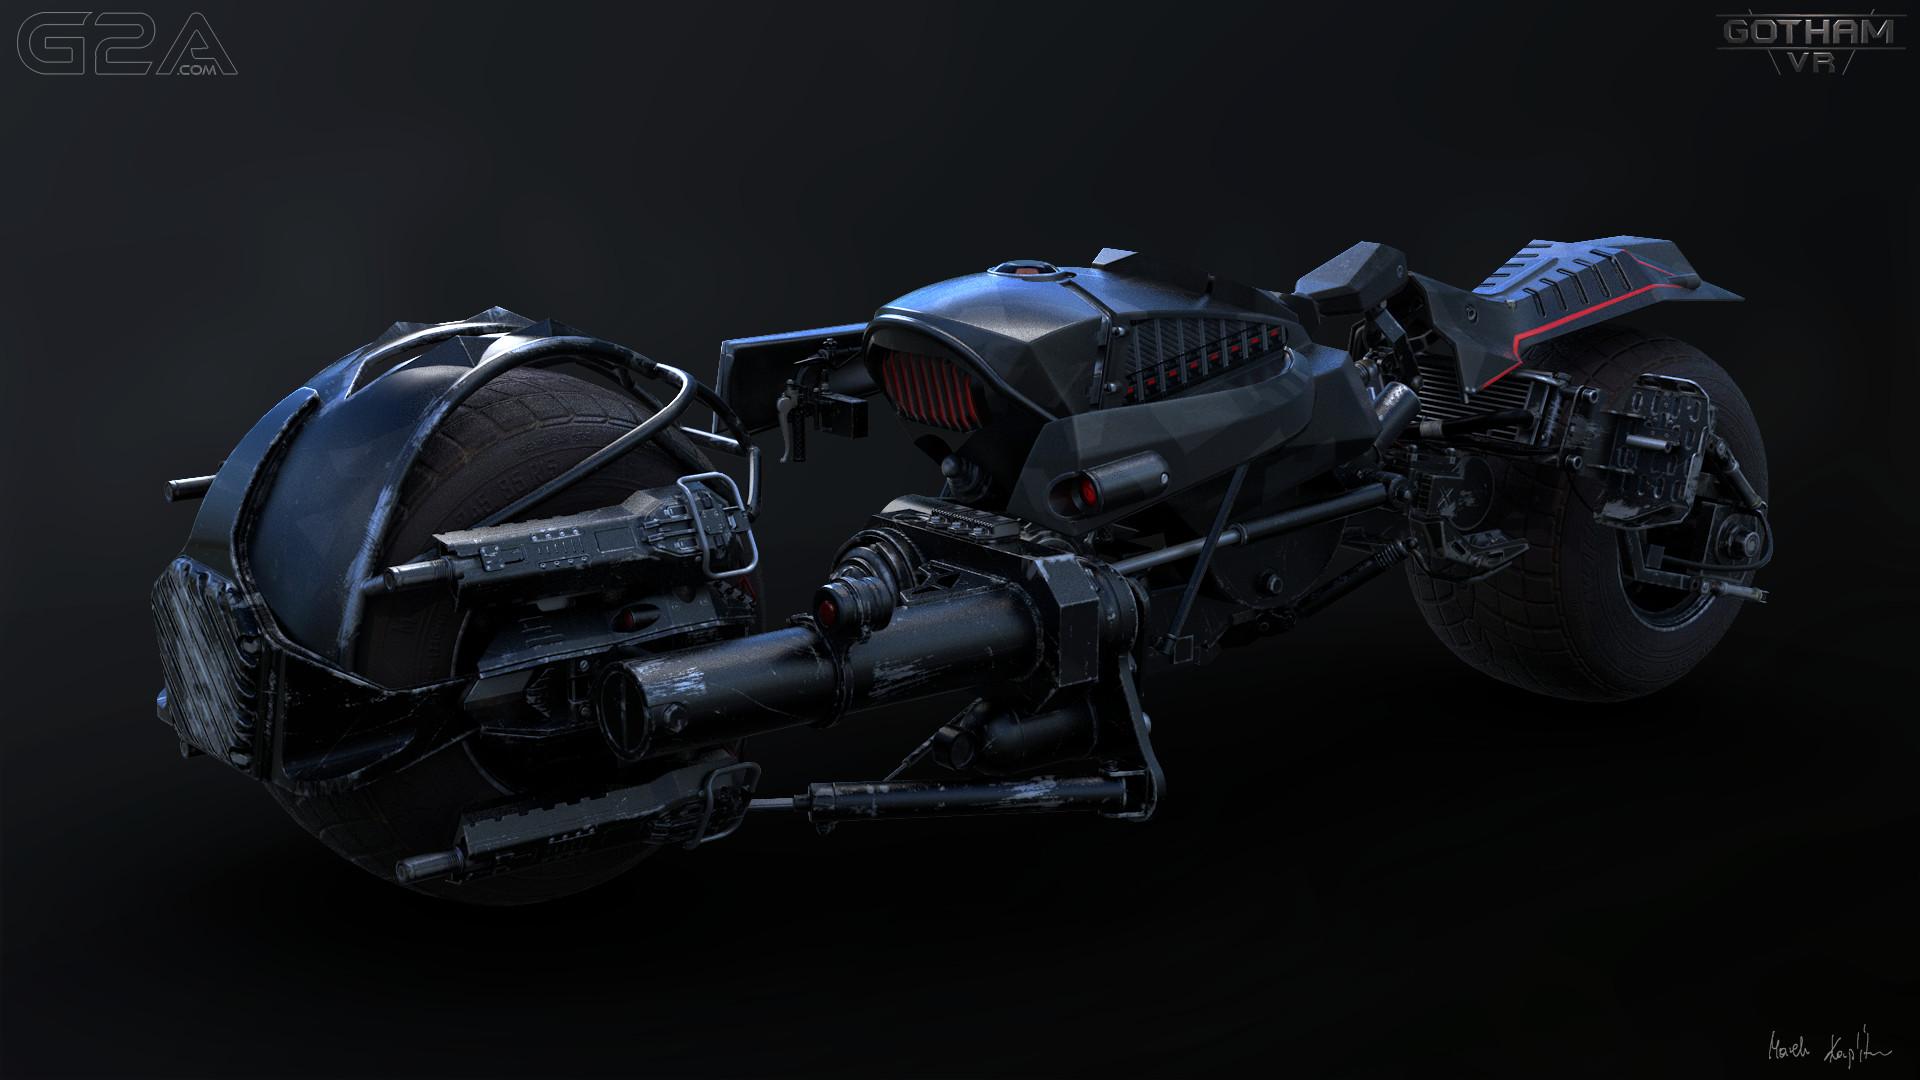 Bike for Gotham VR - G2A Land